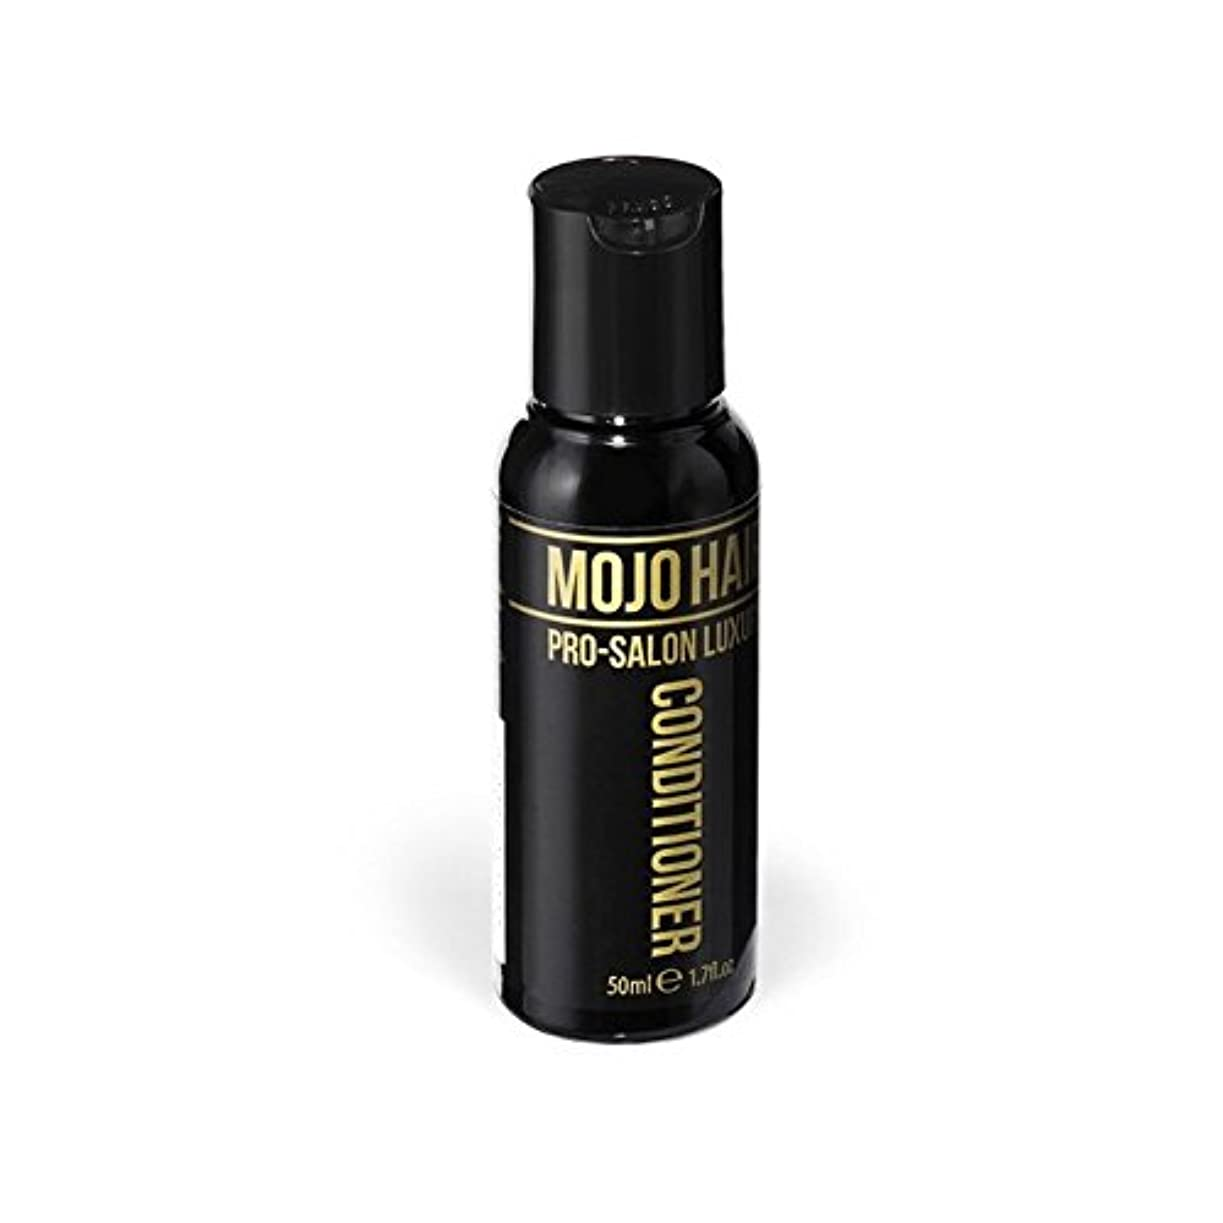 繊毛練る米ドルMojo Hair Pro-Salon Luxury Conditioner (50ml) (Pack of 6) - モジョの毛プロのサロンの贅沢なコンディショナー(50ミリリットル) x6 [並行輸入品]